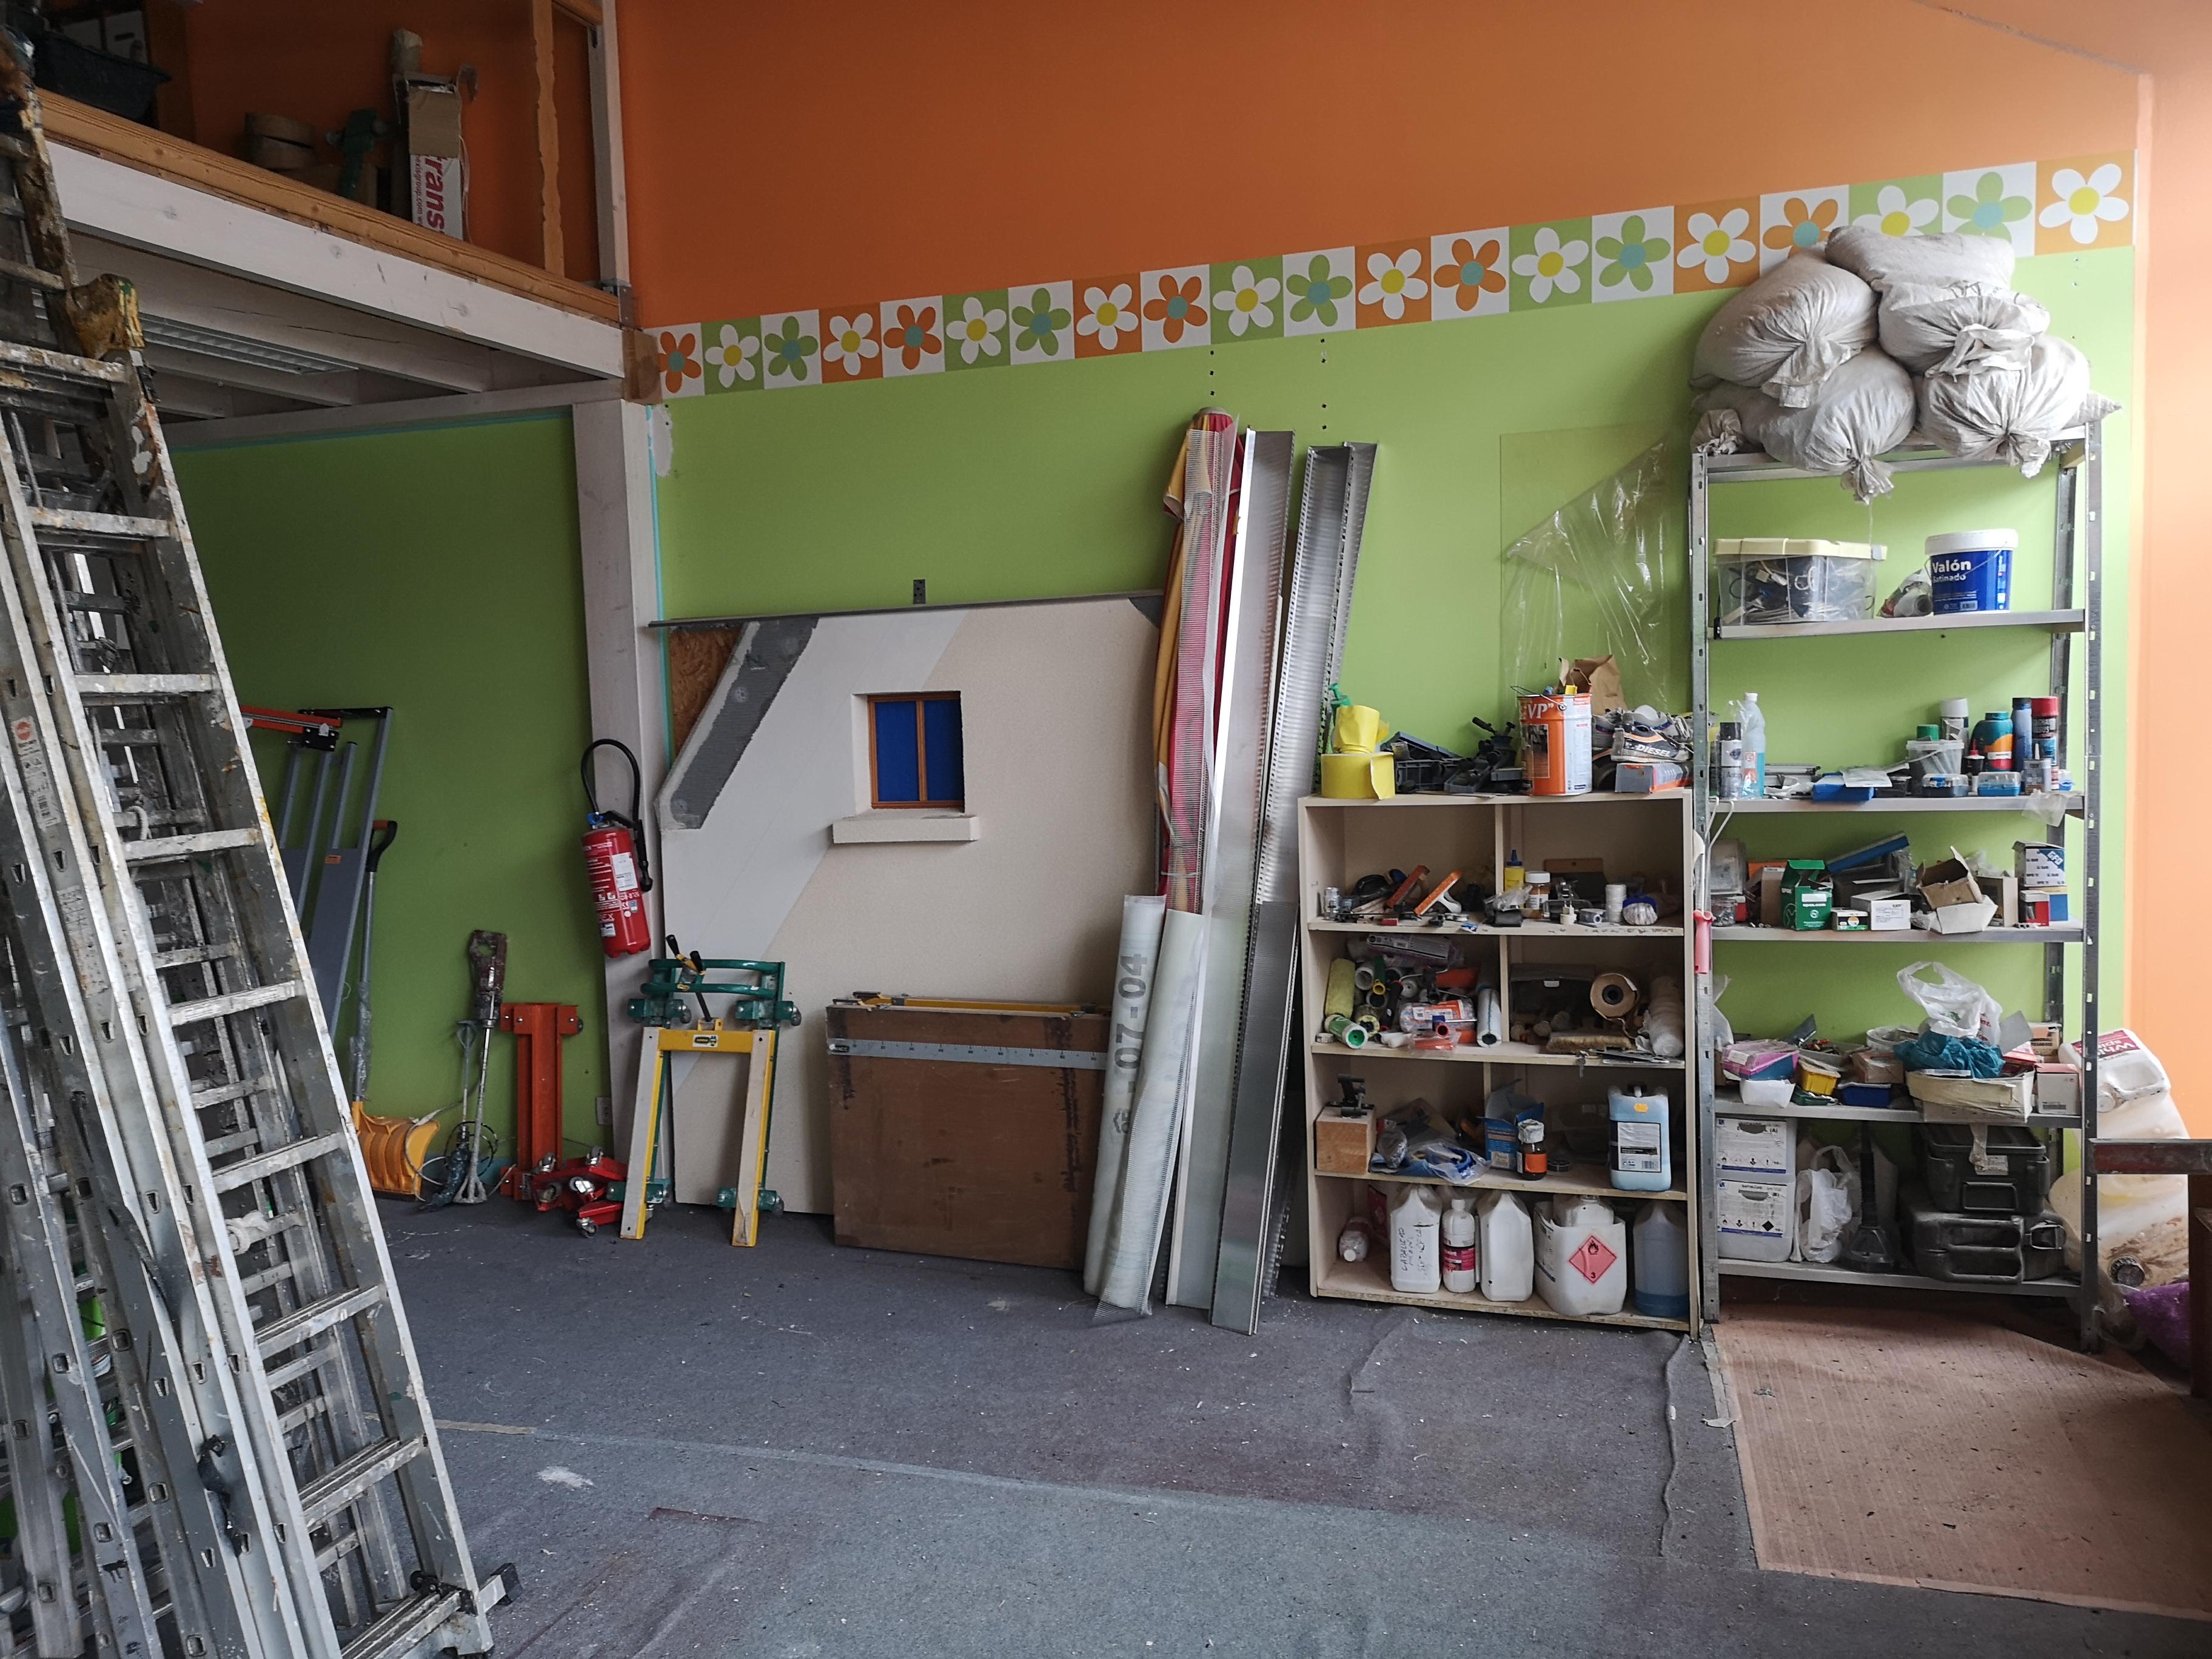 Vente Peinture / vitrerie / isolation extérieur / ponçage rénovation chalet bois / décoration près de Font-Romeu-Odeillo-Via Cerdagne (66120)